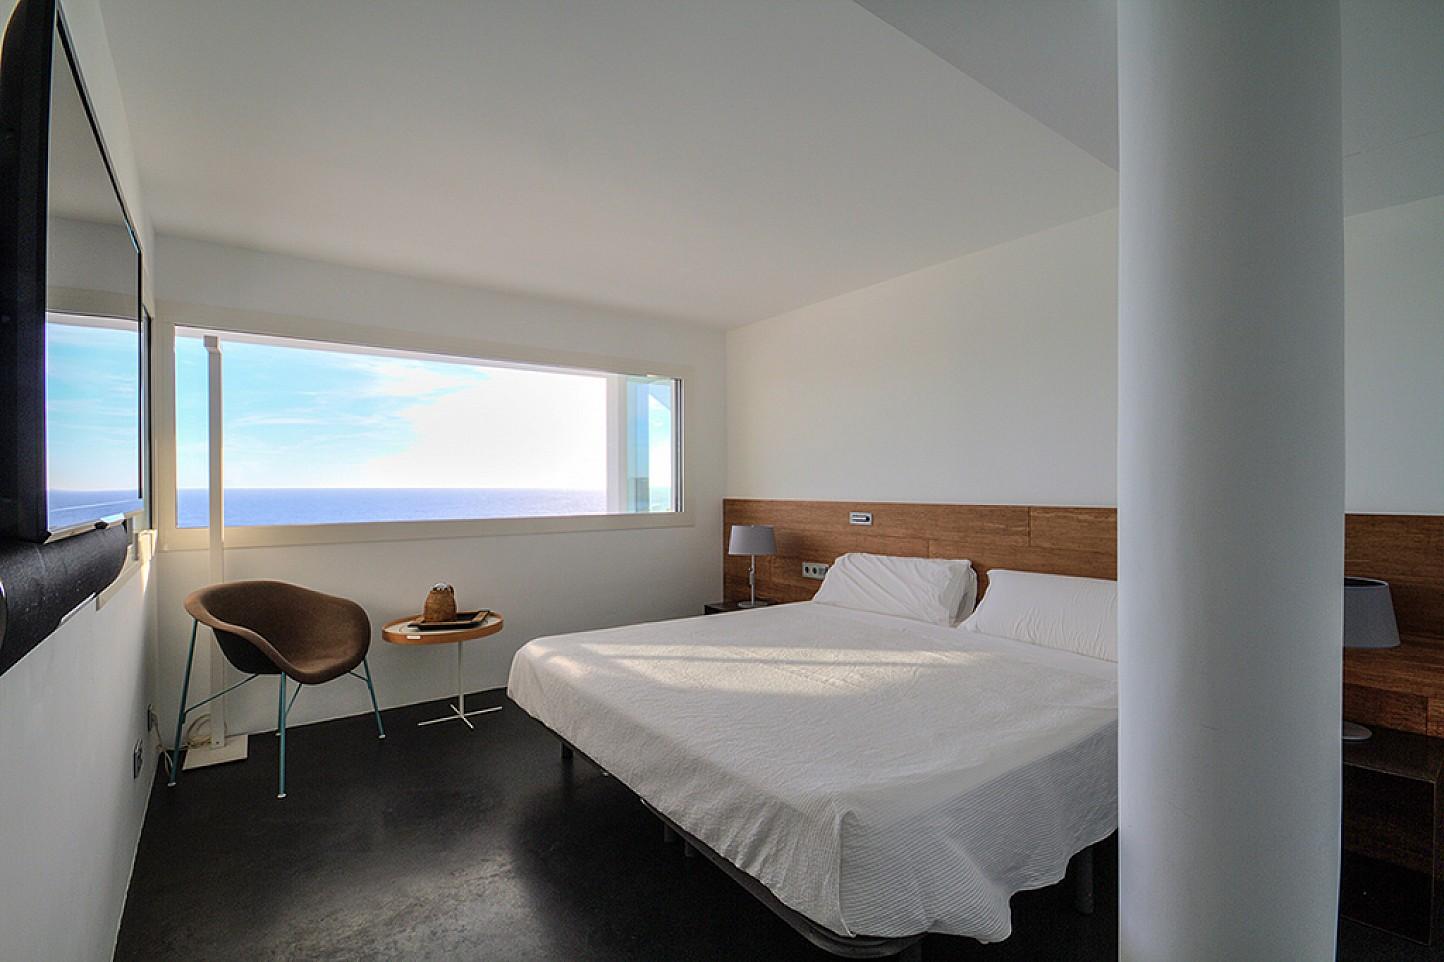 Dormitori espaciós